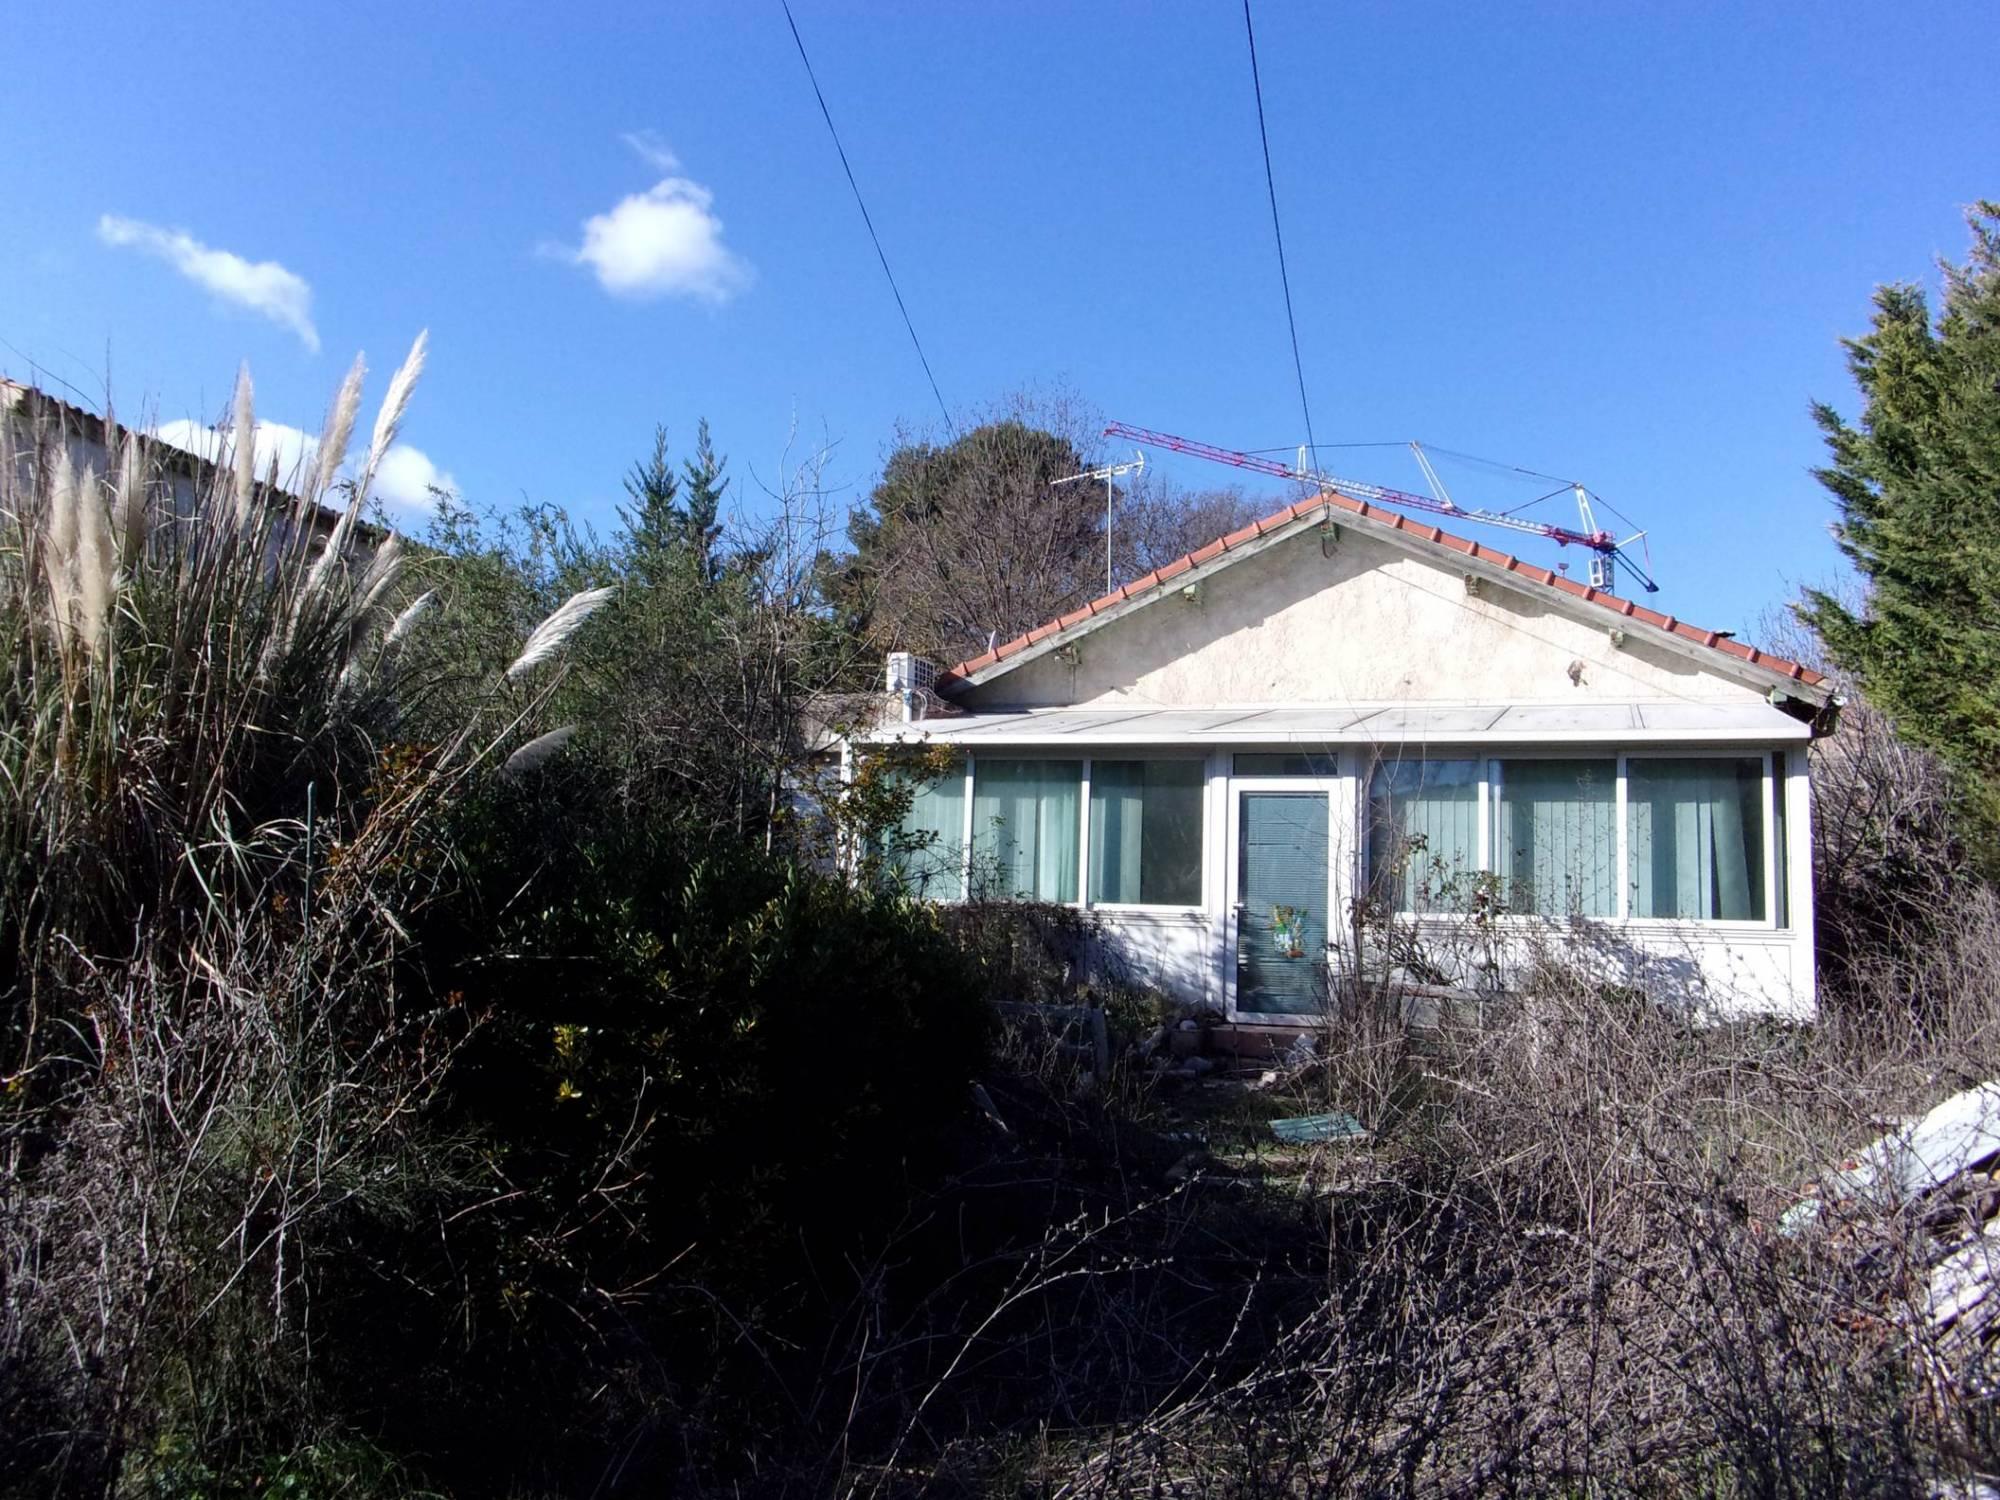 A vendre Secteur Les 4 saisons 13011 MARSEILLE Maison type 3 à rénover entièrement